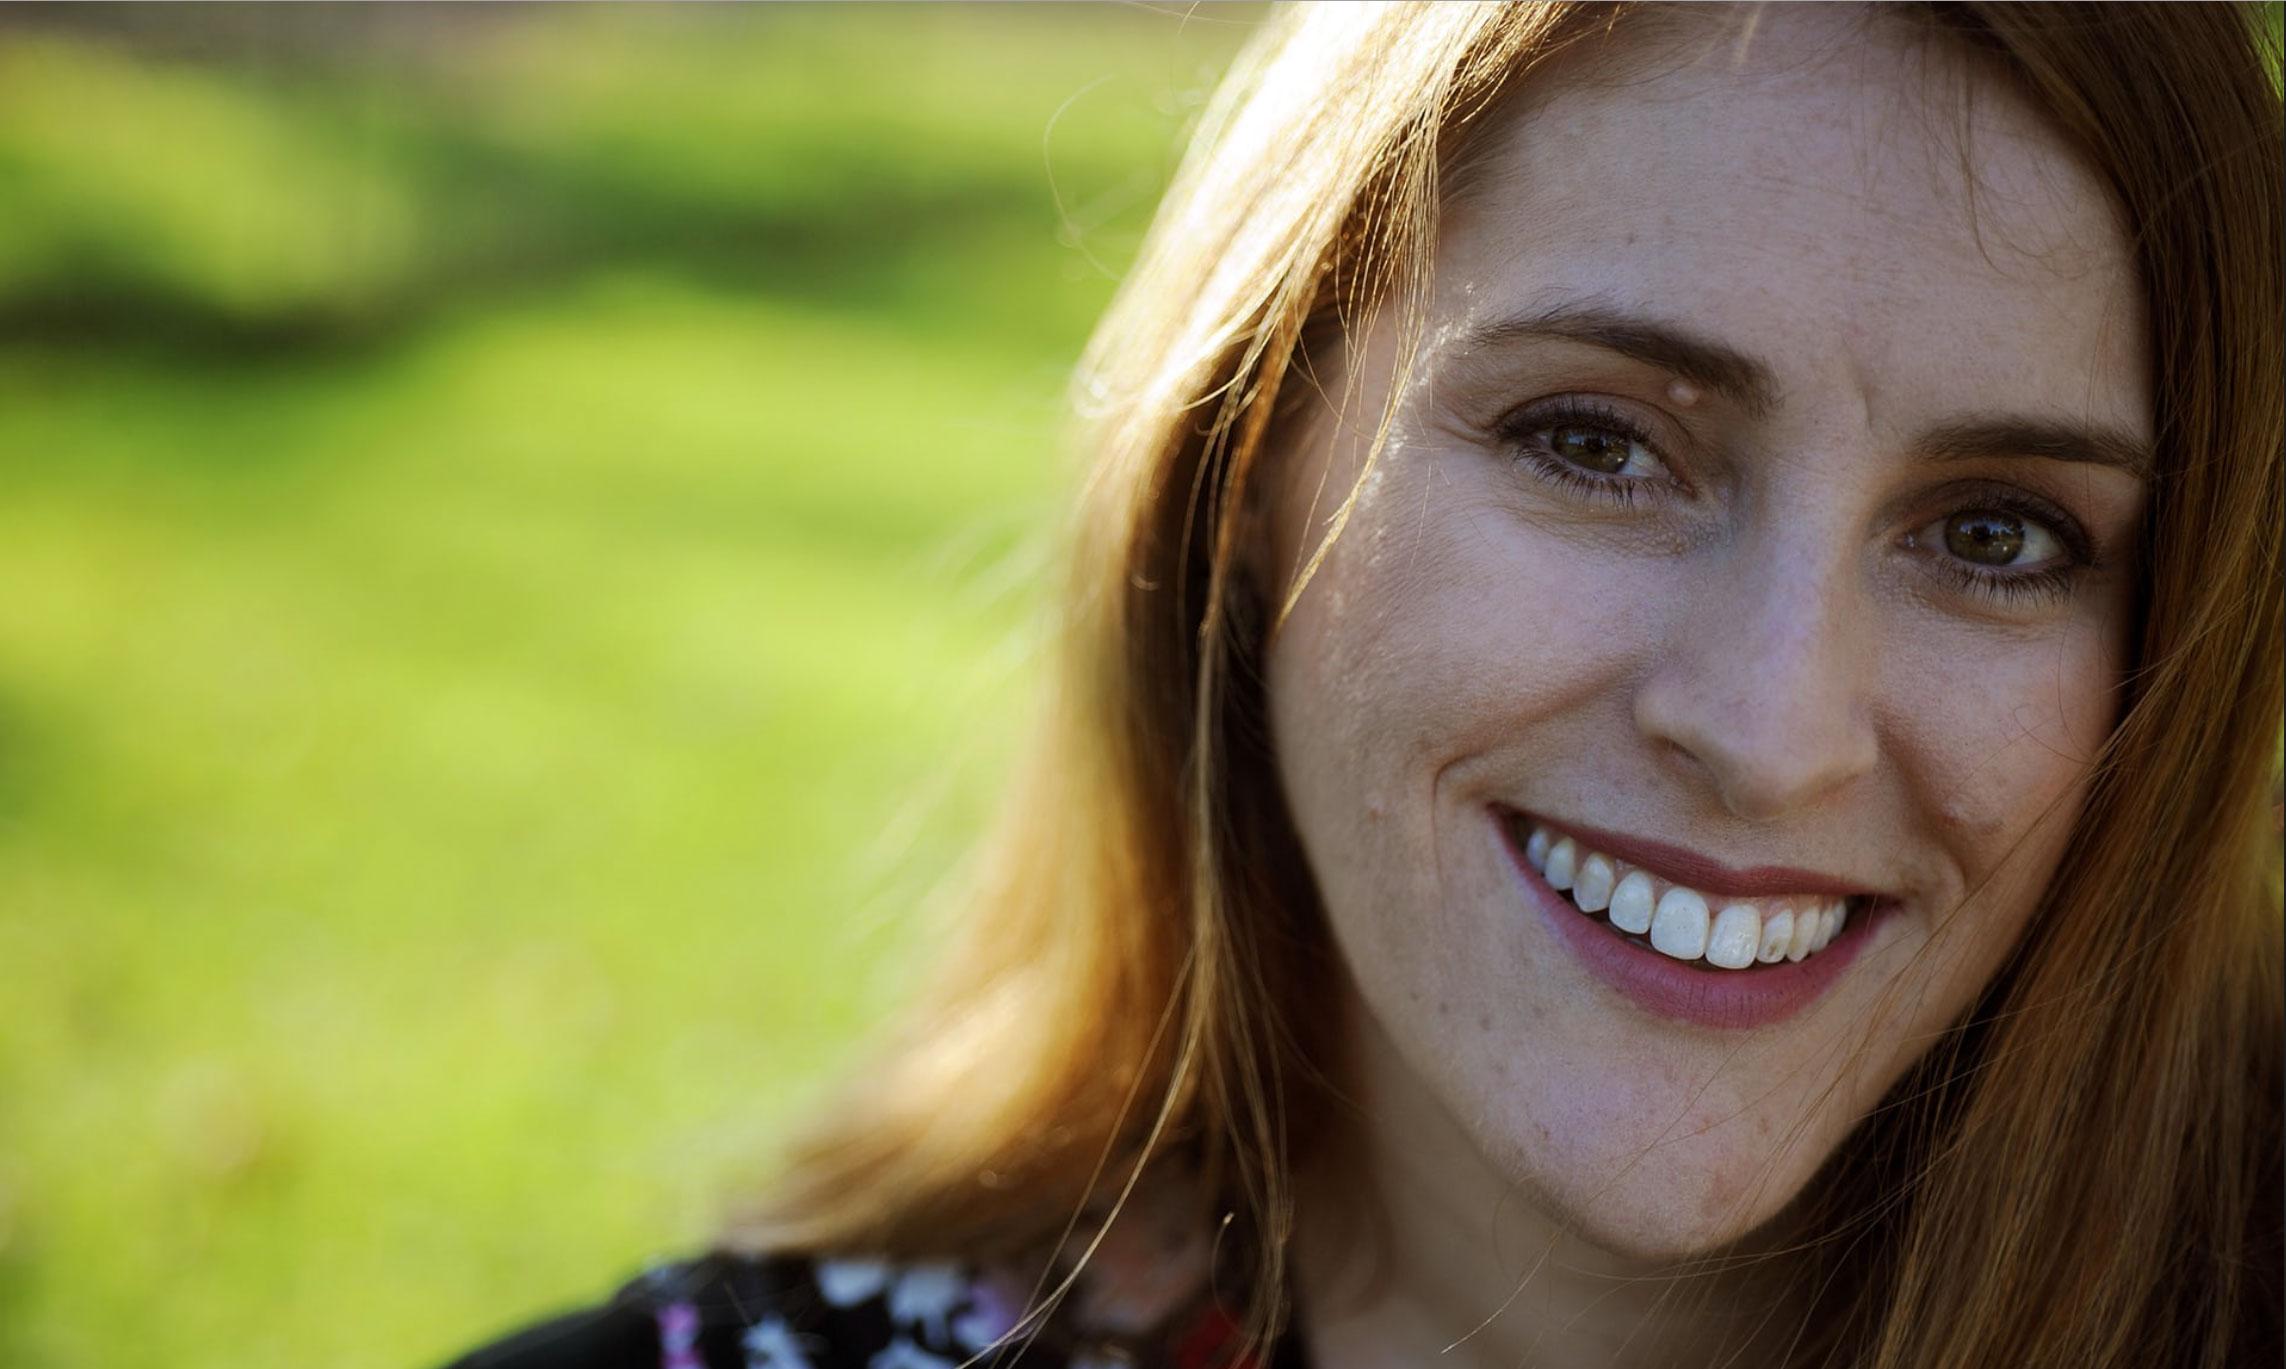 Kasey Edwards portrait